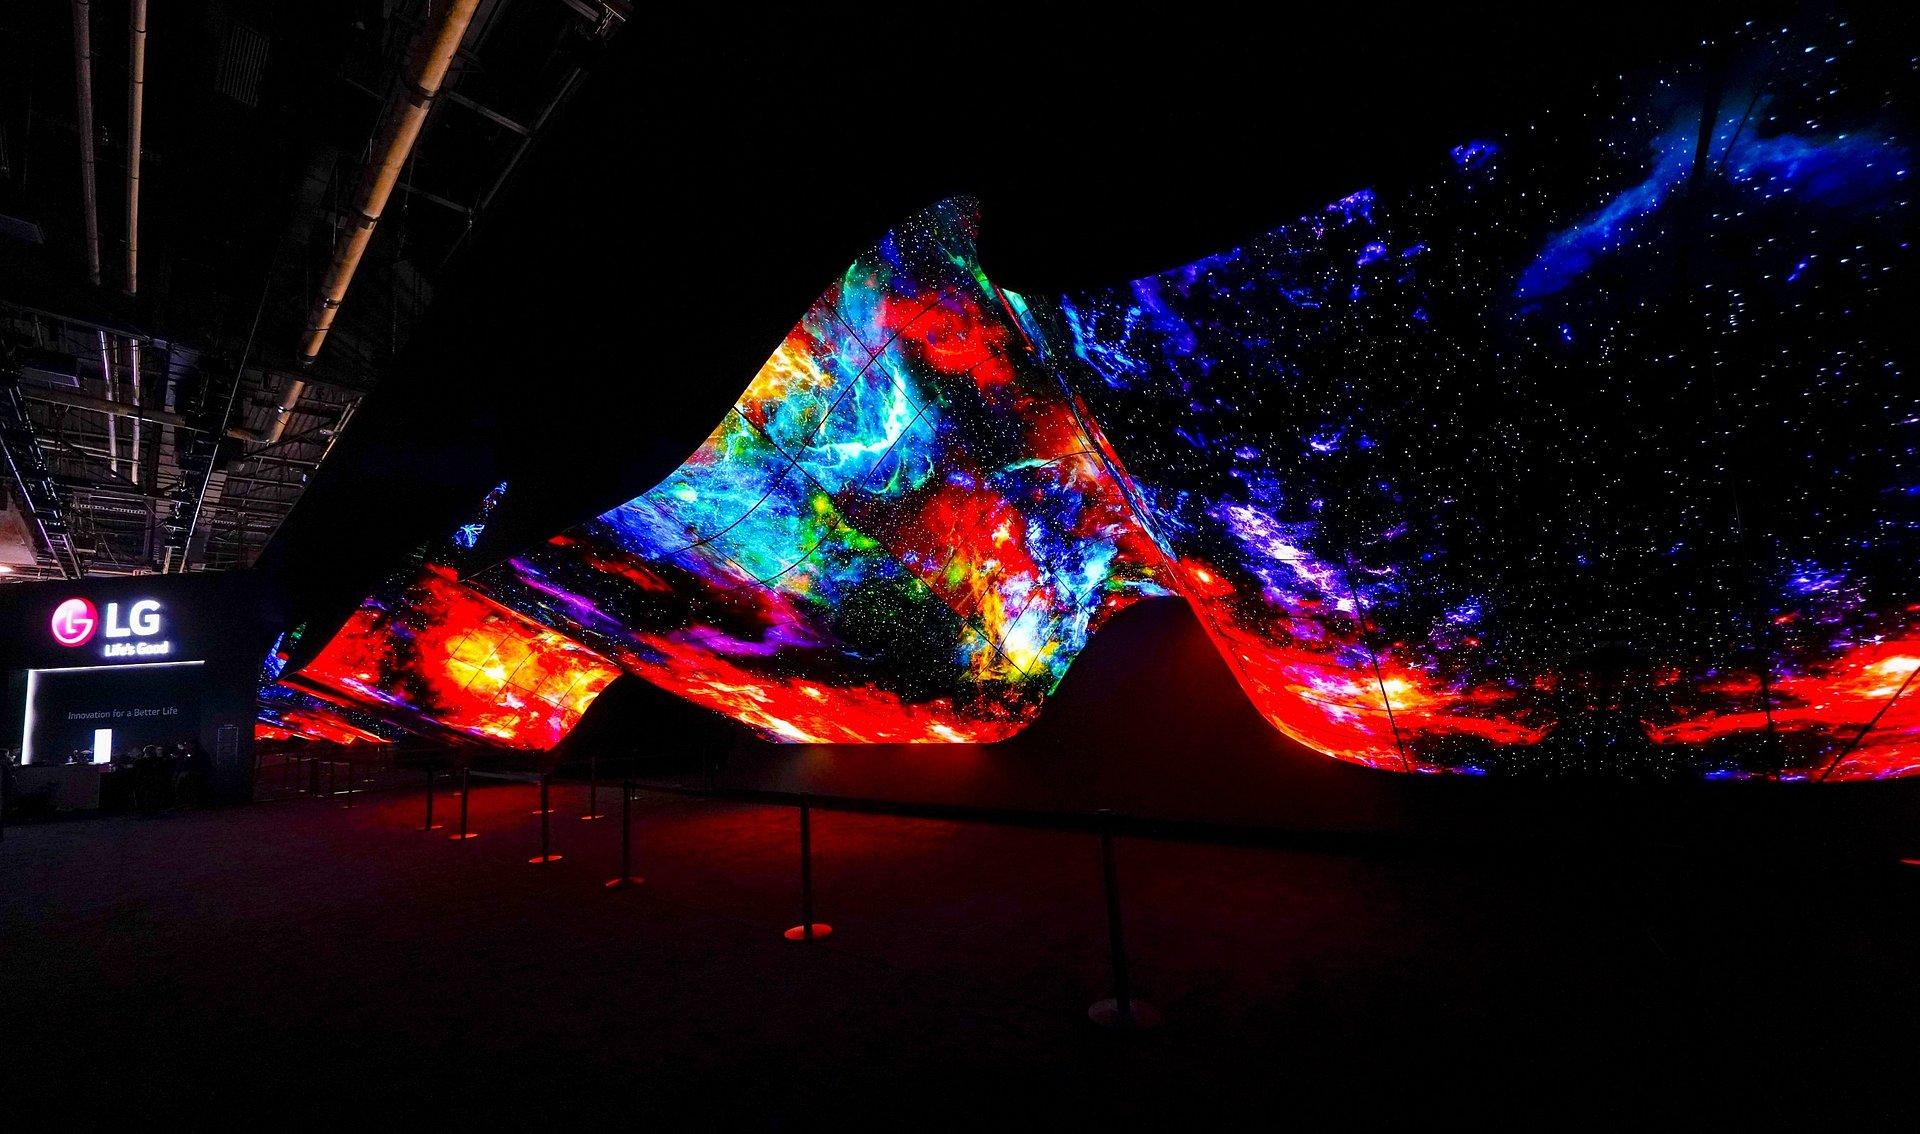 CES 2020: LG OLED Wave - zapierająca dech w piersiach, artystyczna instalacja otwiera strefę LG podczas wystawy CES 2020